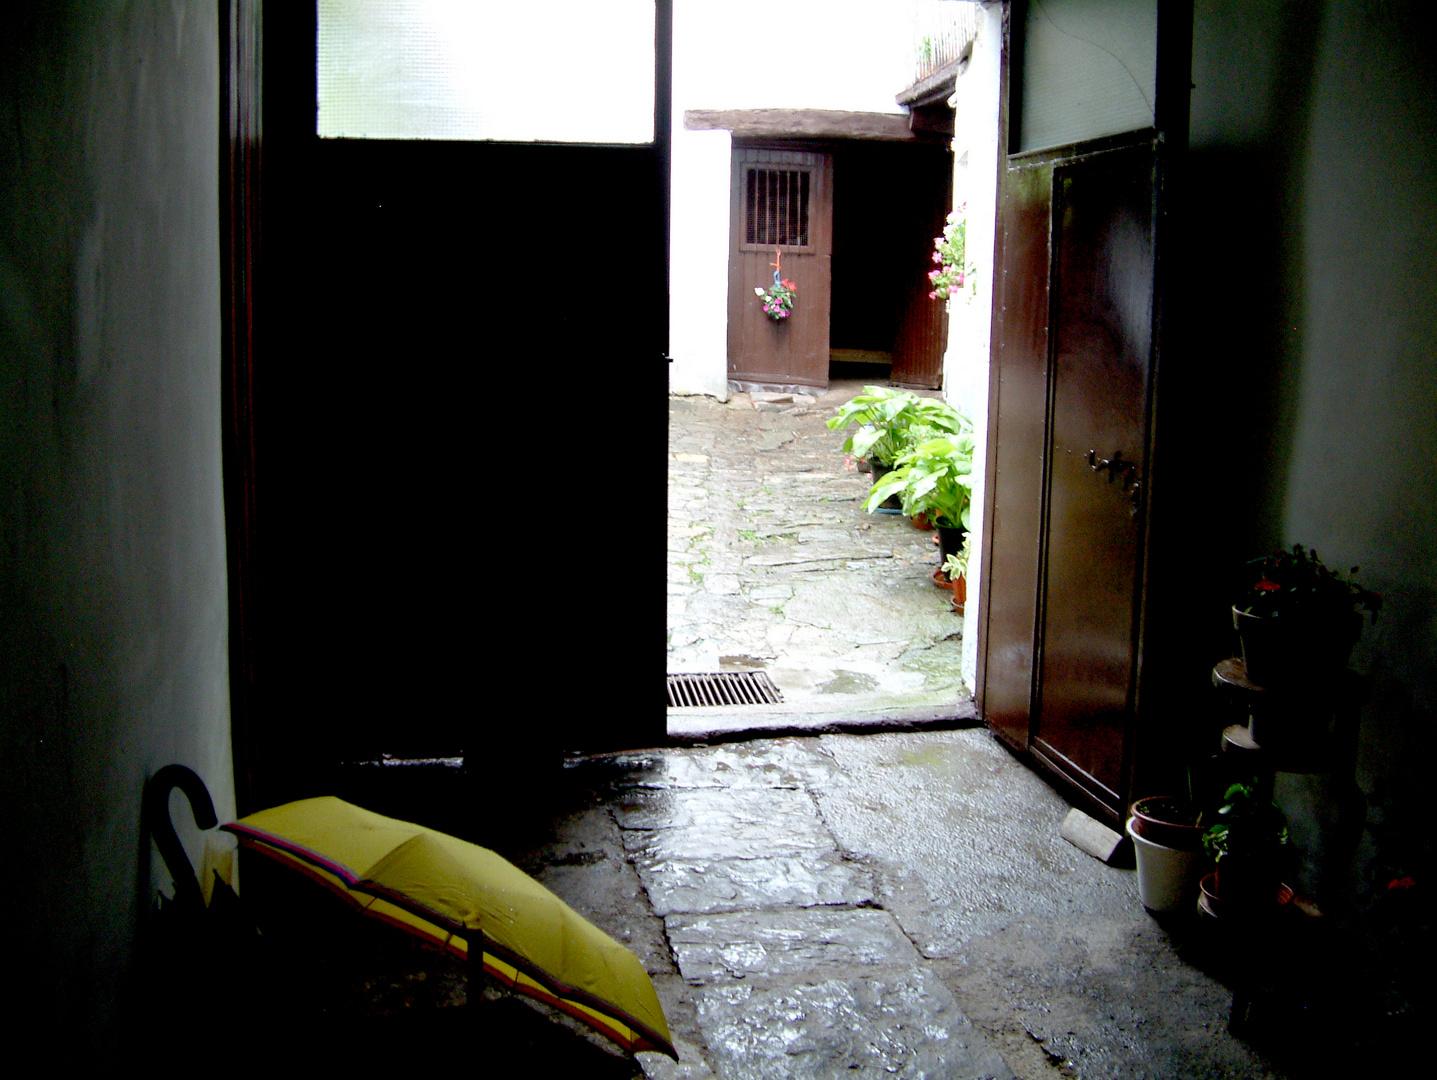 Tímida luz de un día lluvioso